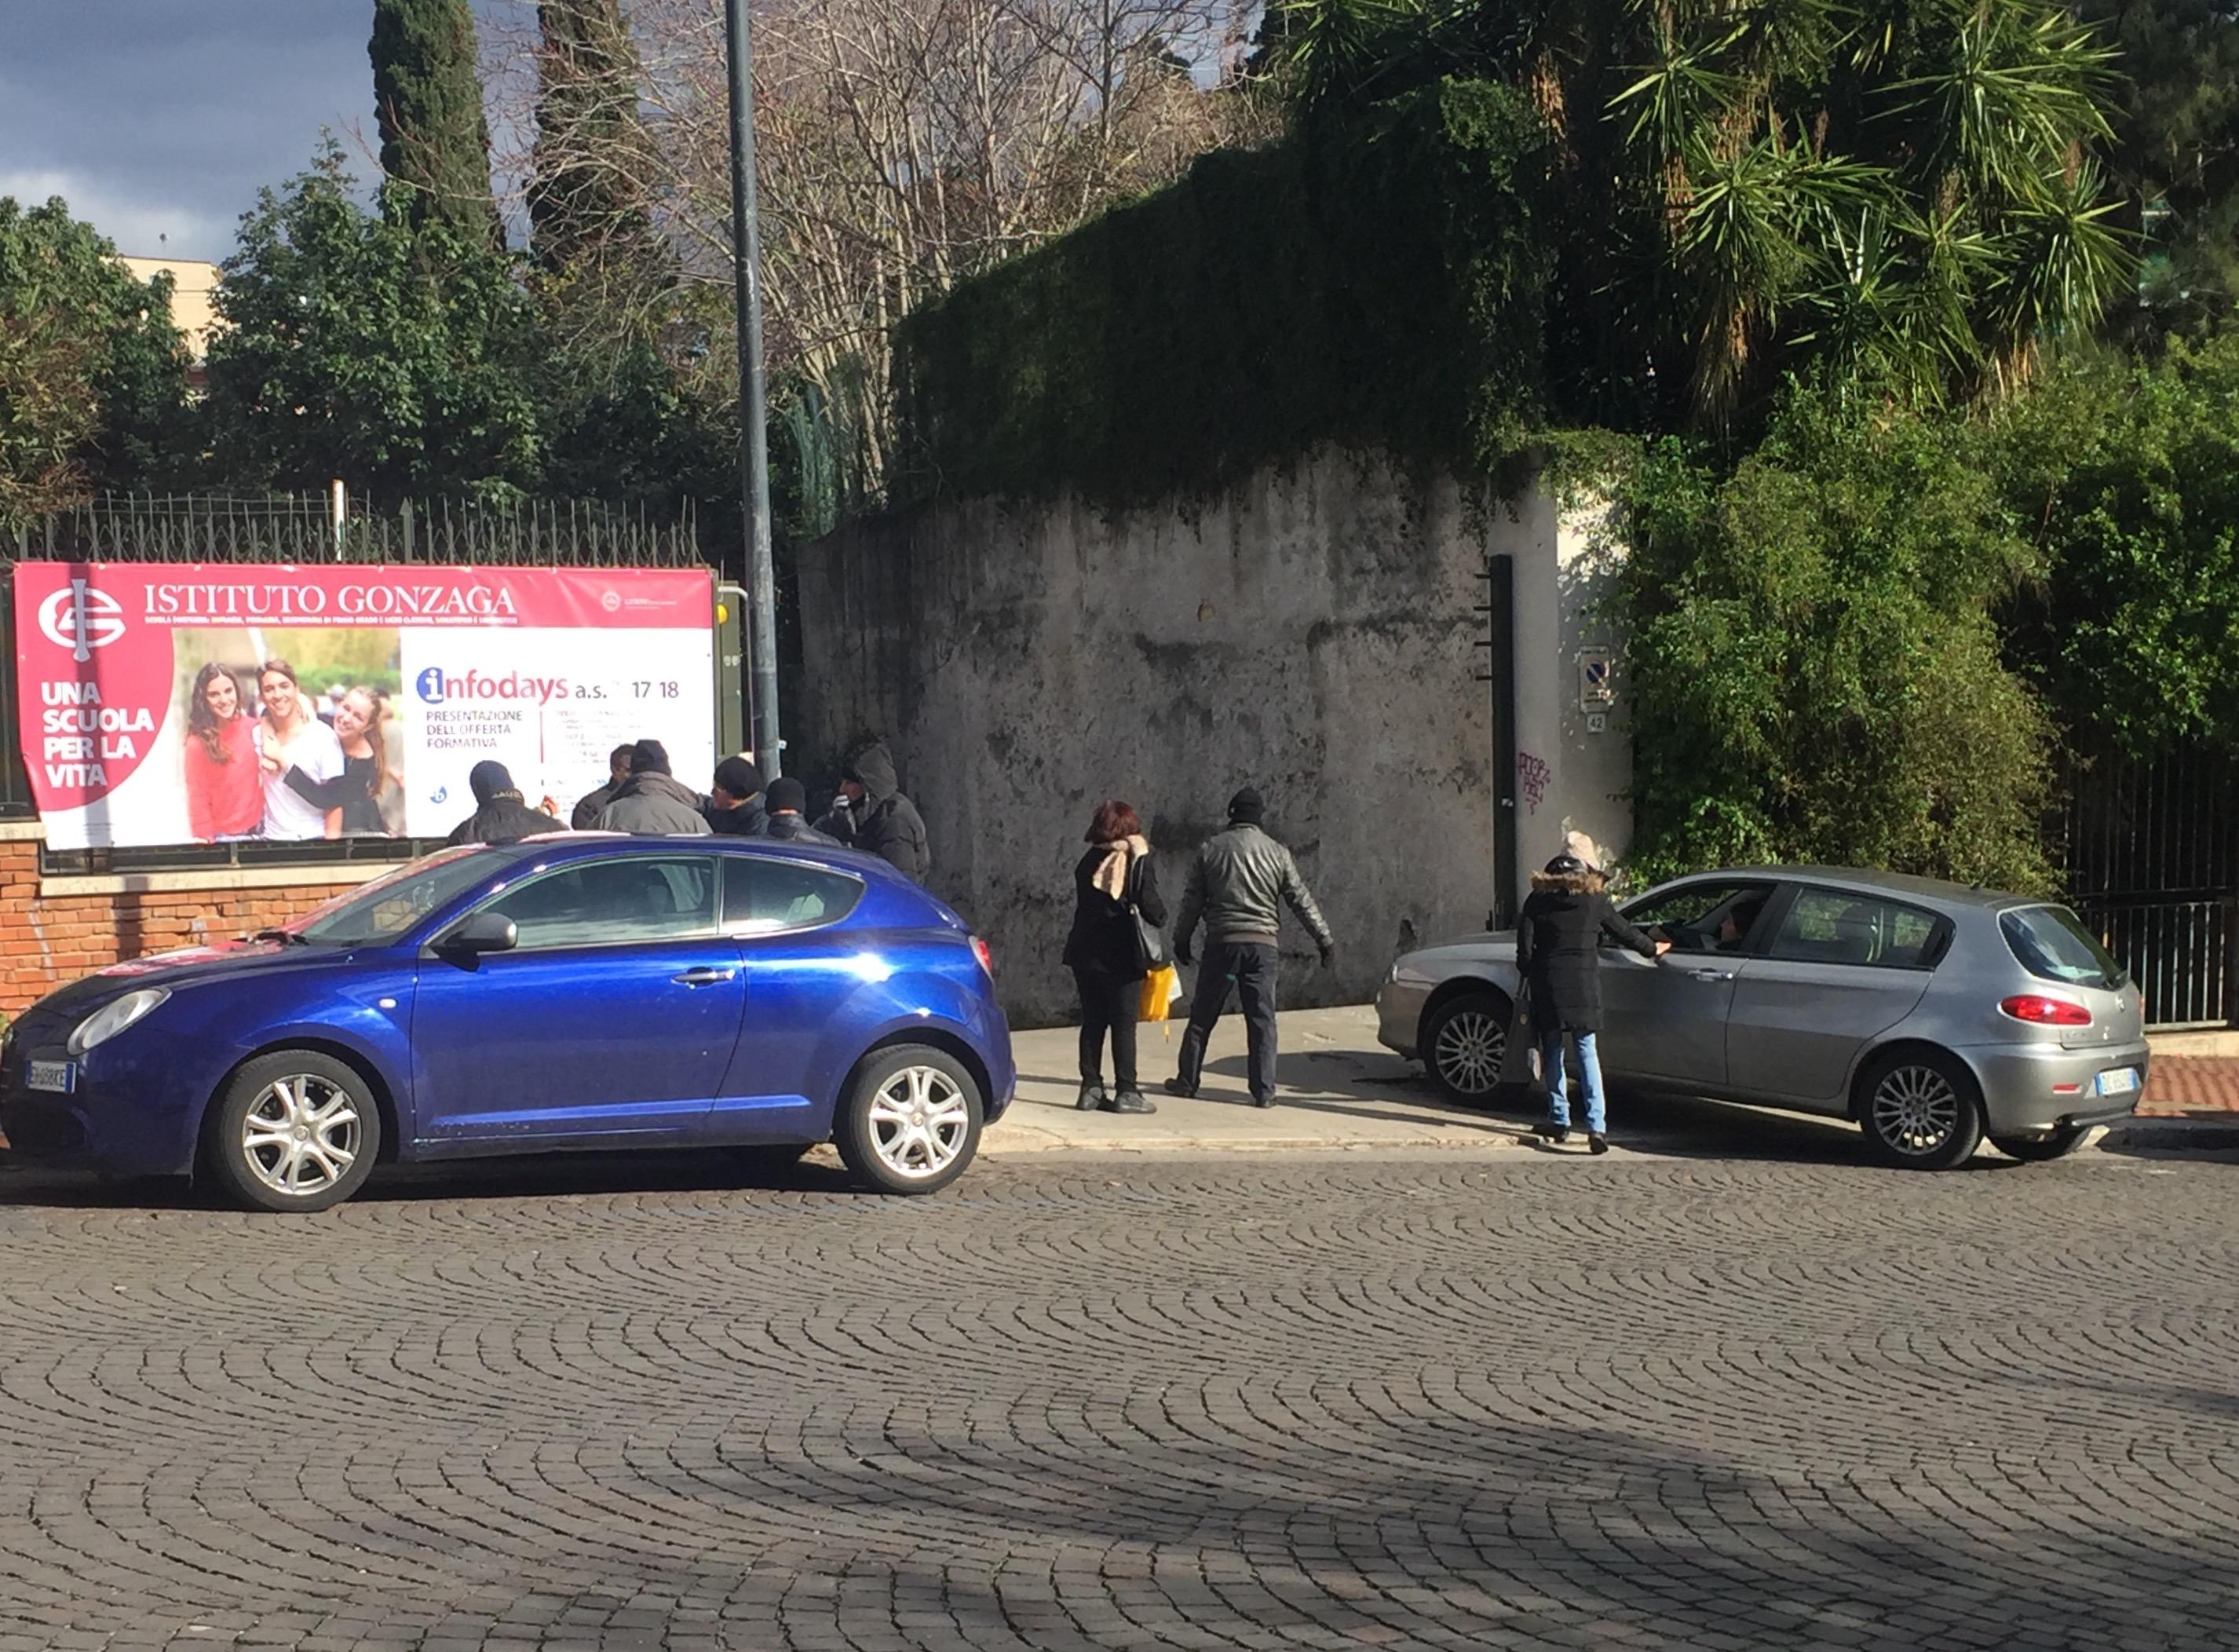 Scuola, Palermo: presidio dei lavoratori del Gonzaga licenziati